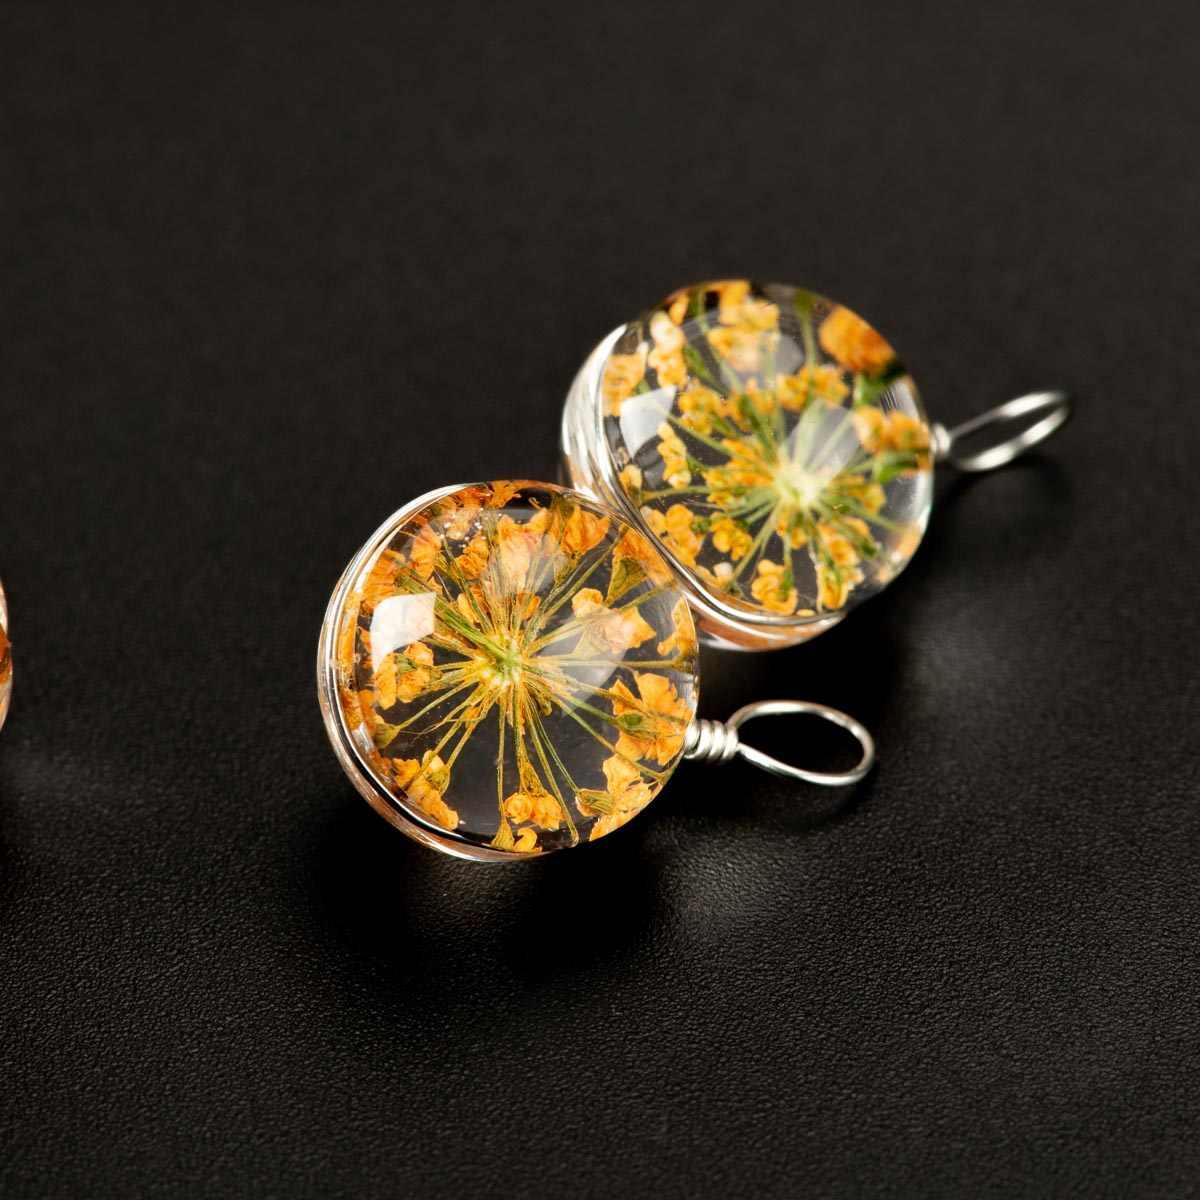 טבעי מיובש פרח עם זכוכית חרוז DIY לא טבעי אבן DIY עגילי צמיד קולר תכשיטי ביצוע חרוזים # IZ131